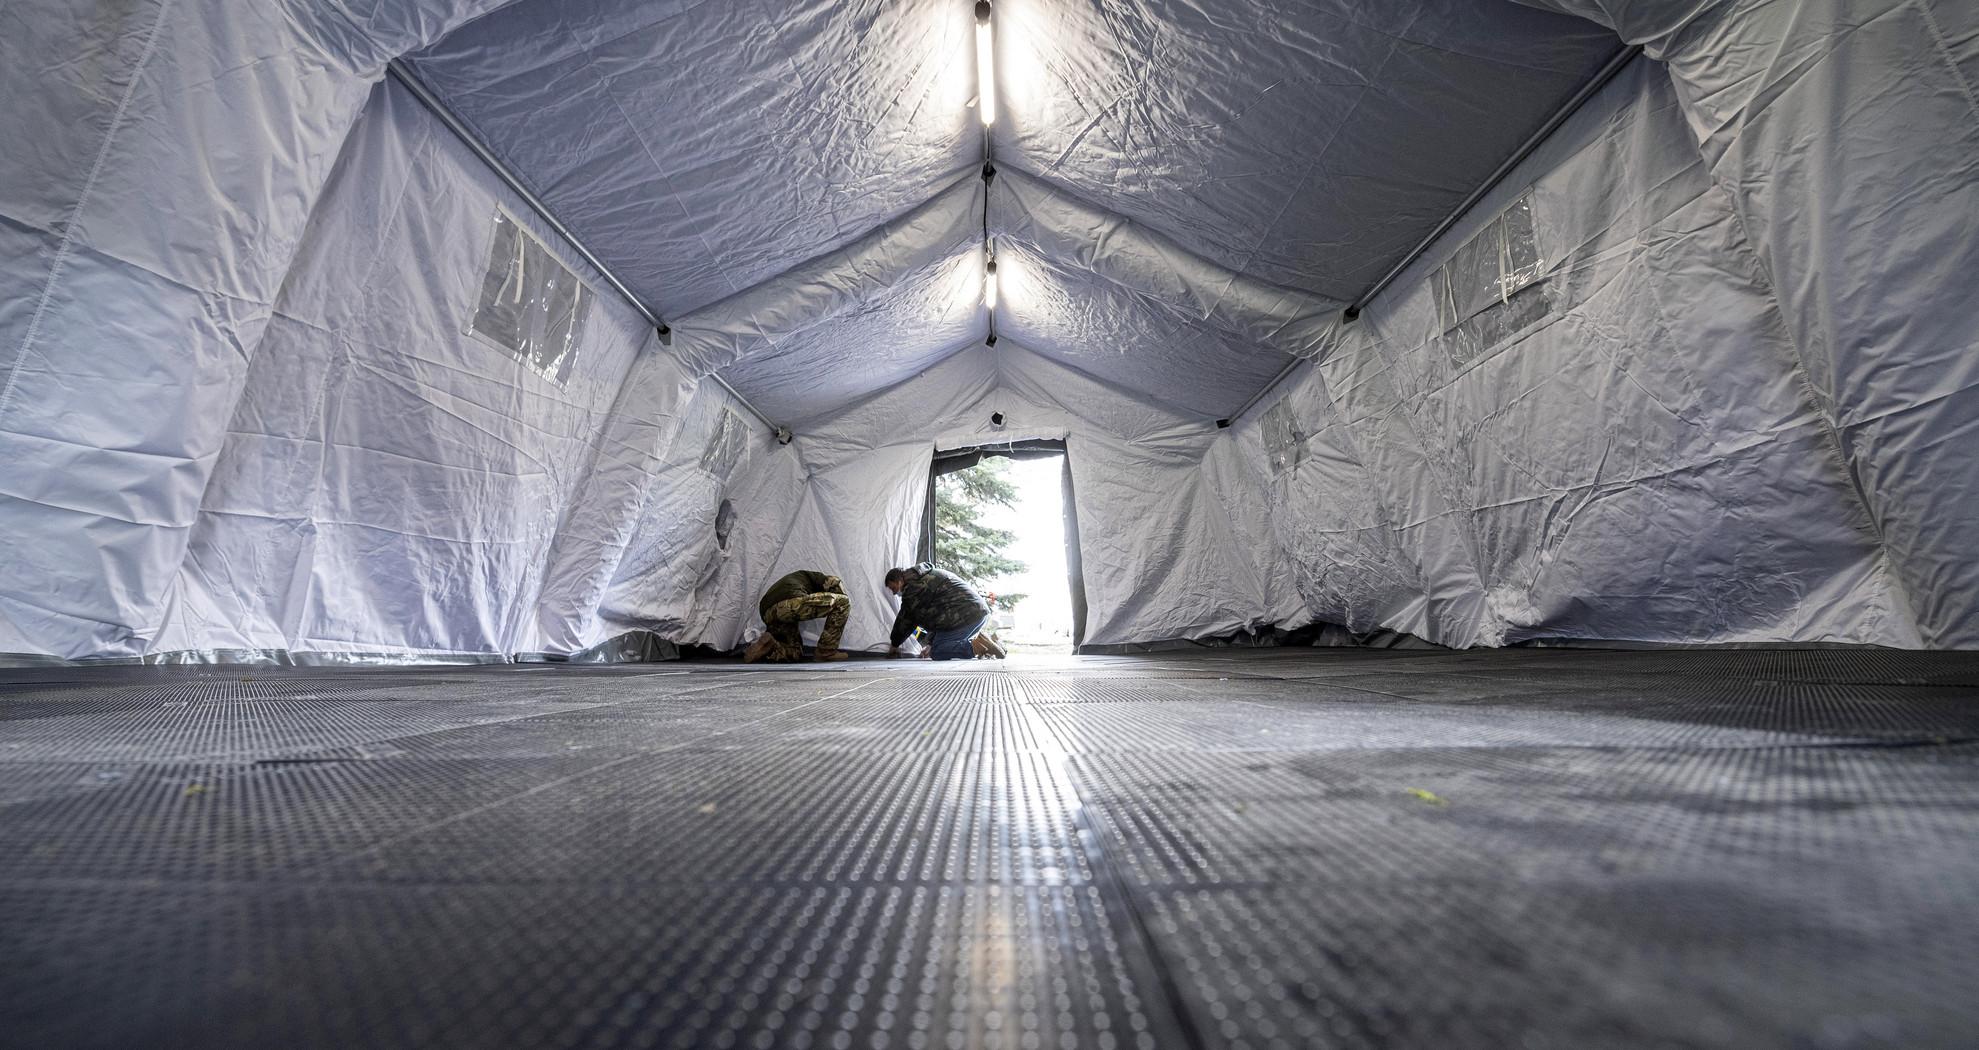 A Magyar Honvédség szakemberei a kórházba érkező gyerekek egészségügyi előszűréséhez katonai sátrat állítanak fel a koronavírus-járvány miatt a Heim Pál Országos Gyermekgyógyászati Intézet bejáratnál